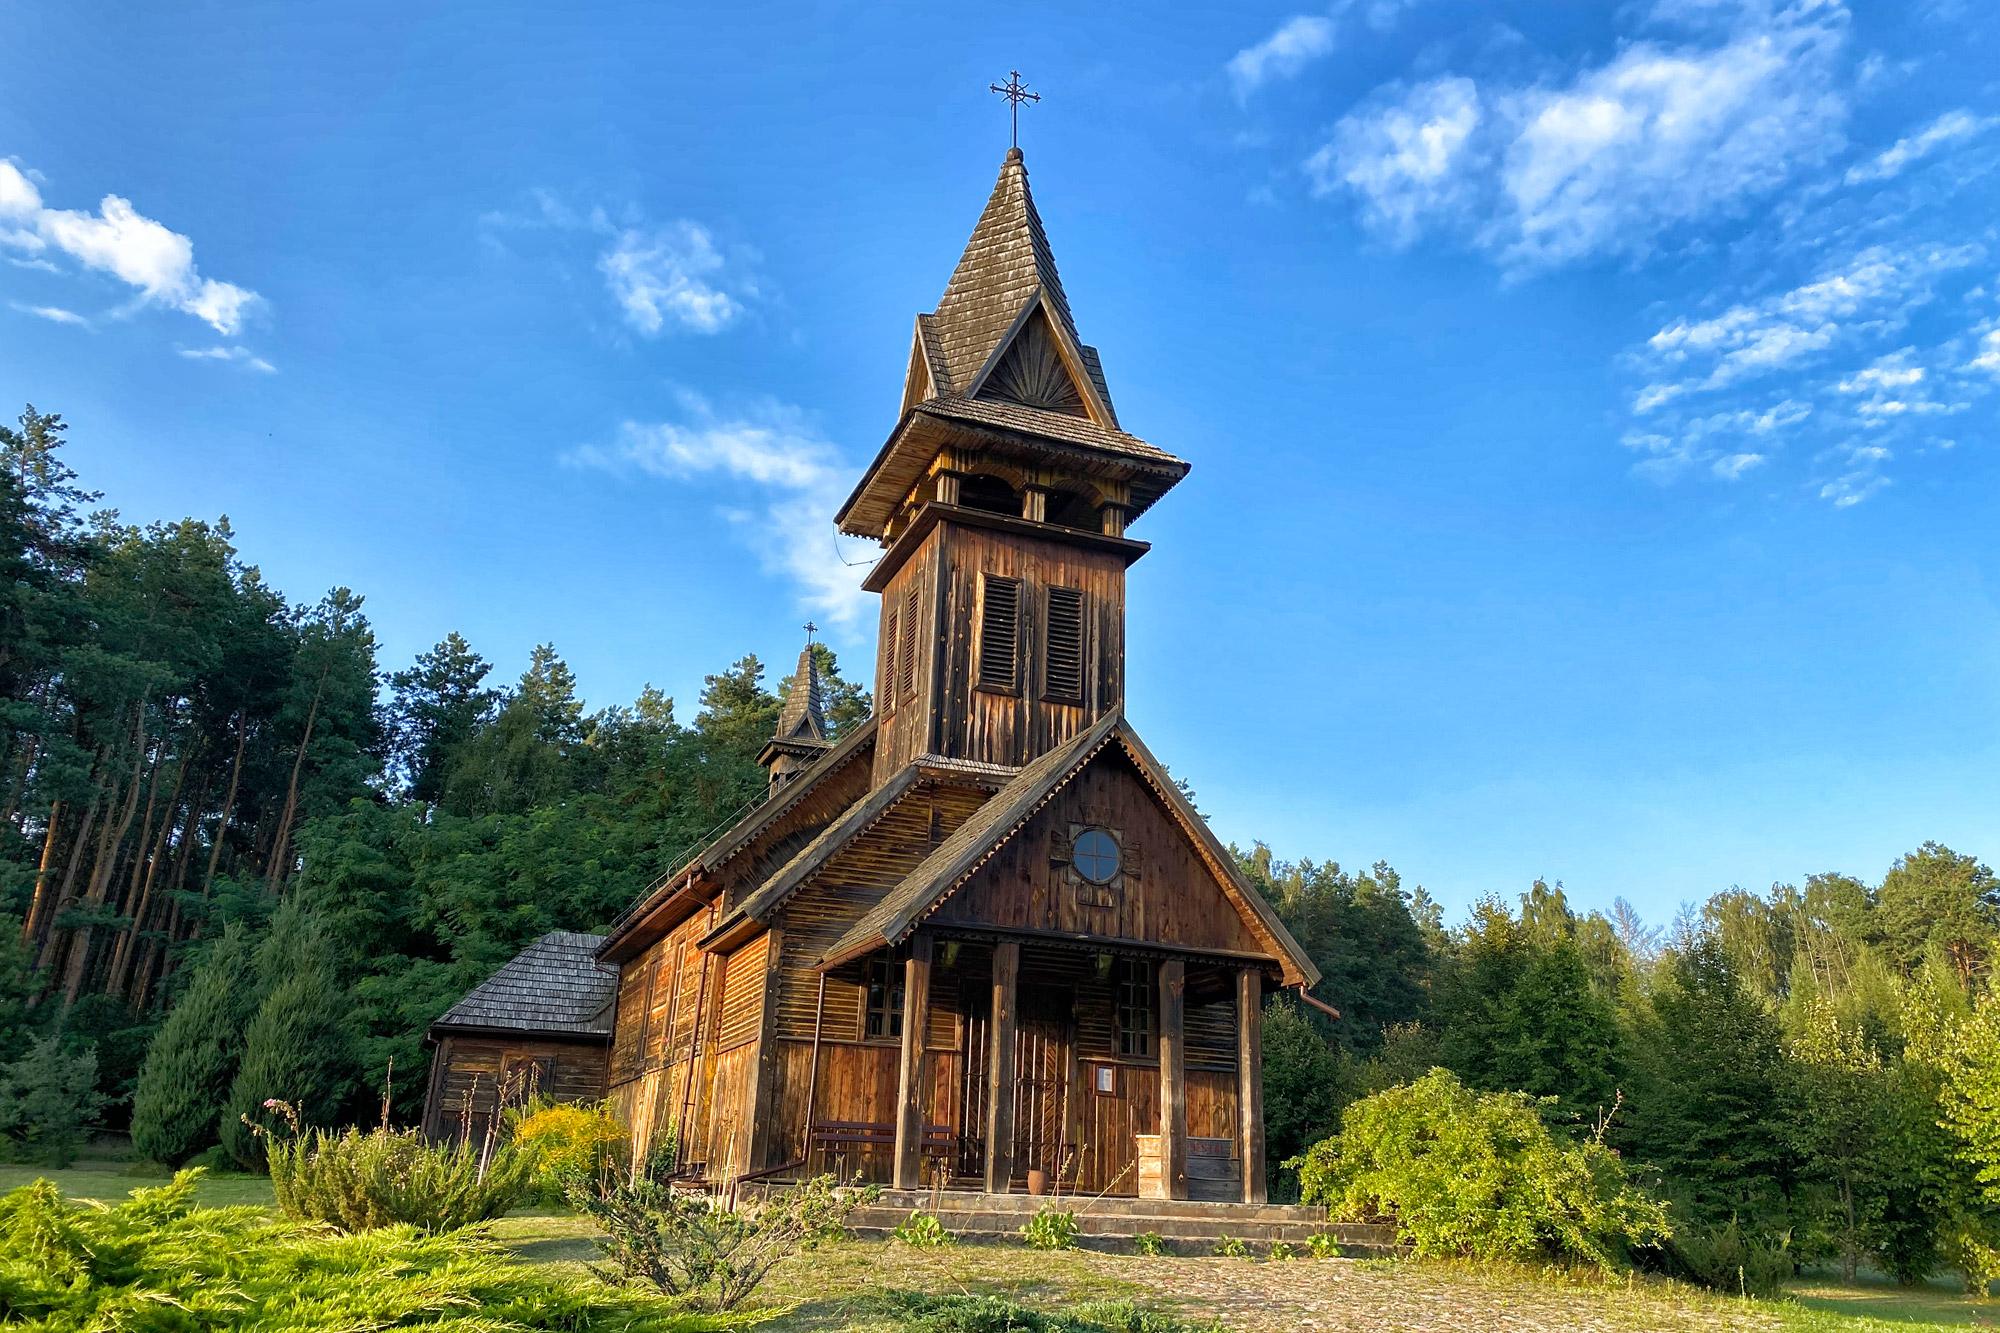 Lubelskie regio - Uroczysko Zaborek Guesthouse